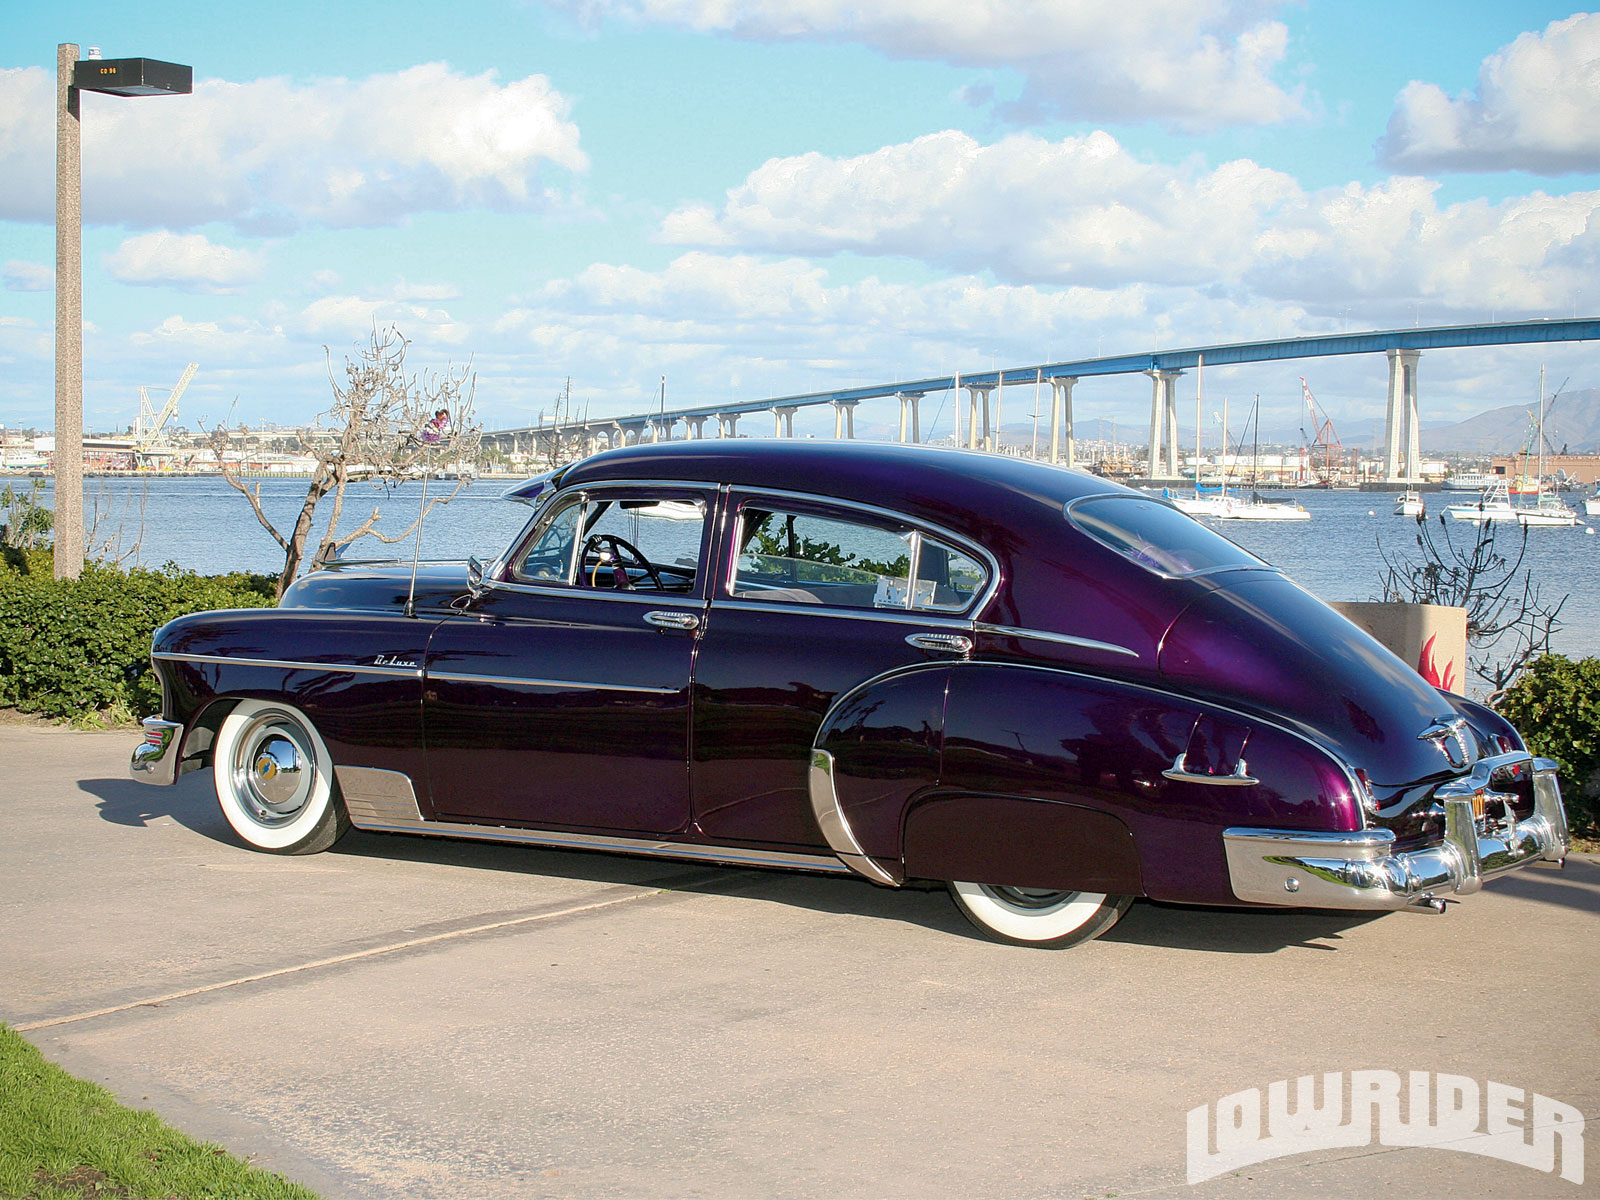 1950 Chevrolet Deluxe - Lowrider Magazine